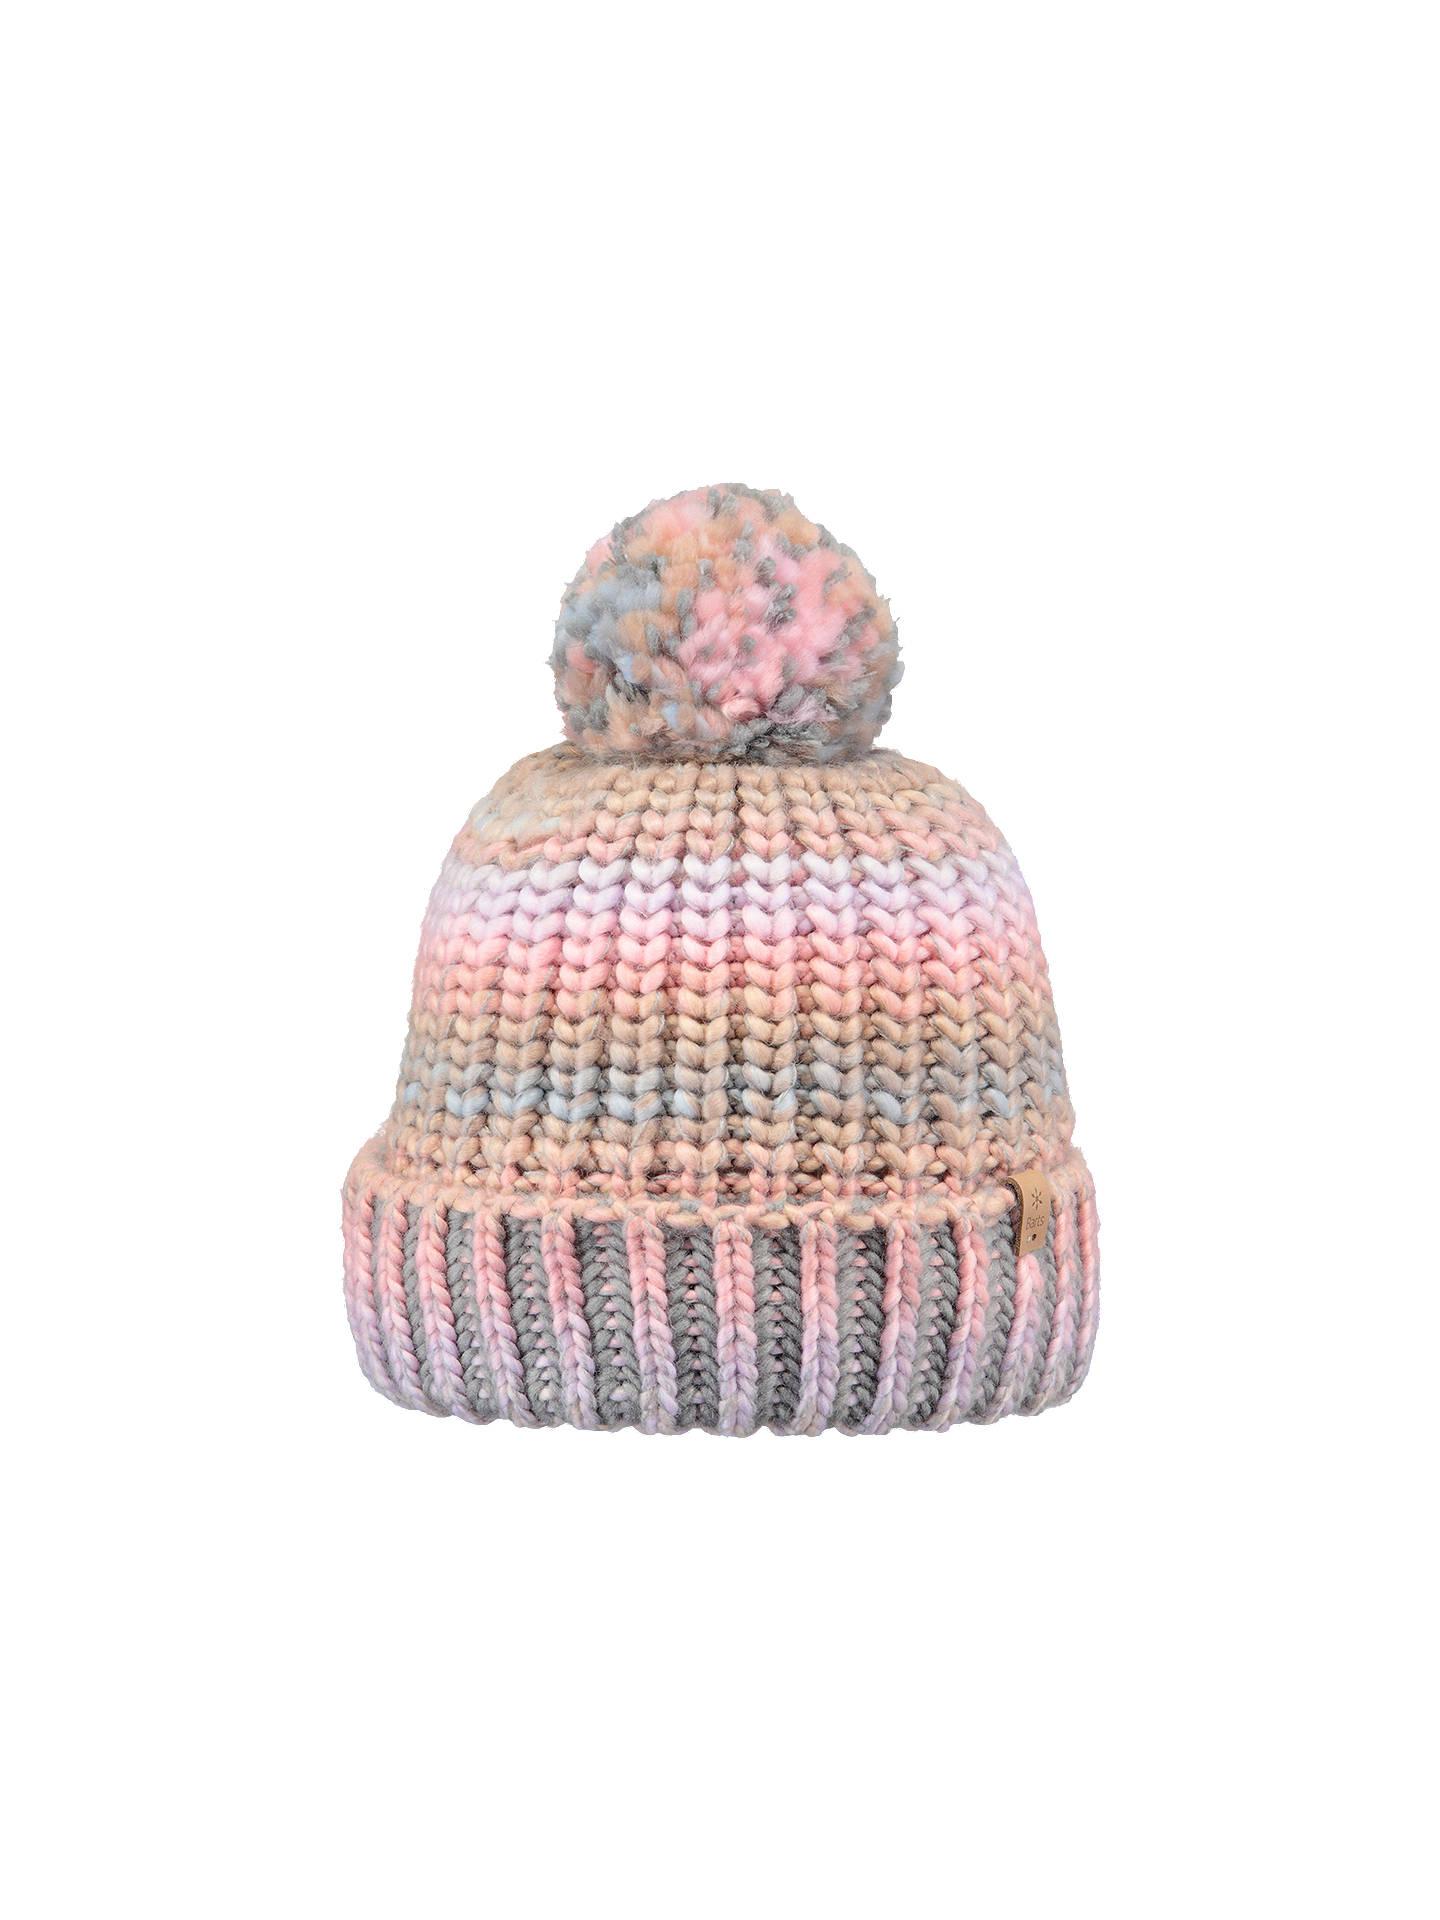 2a3ed1f82 Barts Jevon Chunky Pom Pom Beanie Hat, Pink